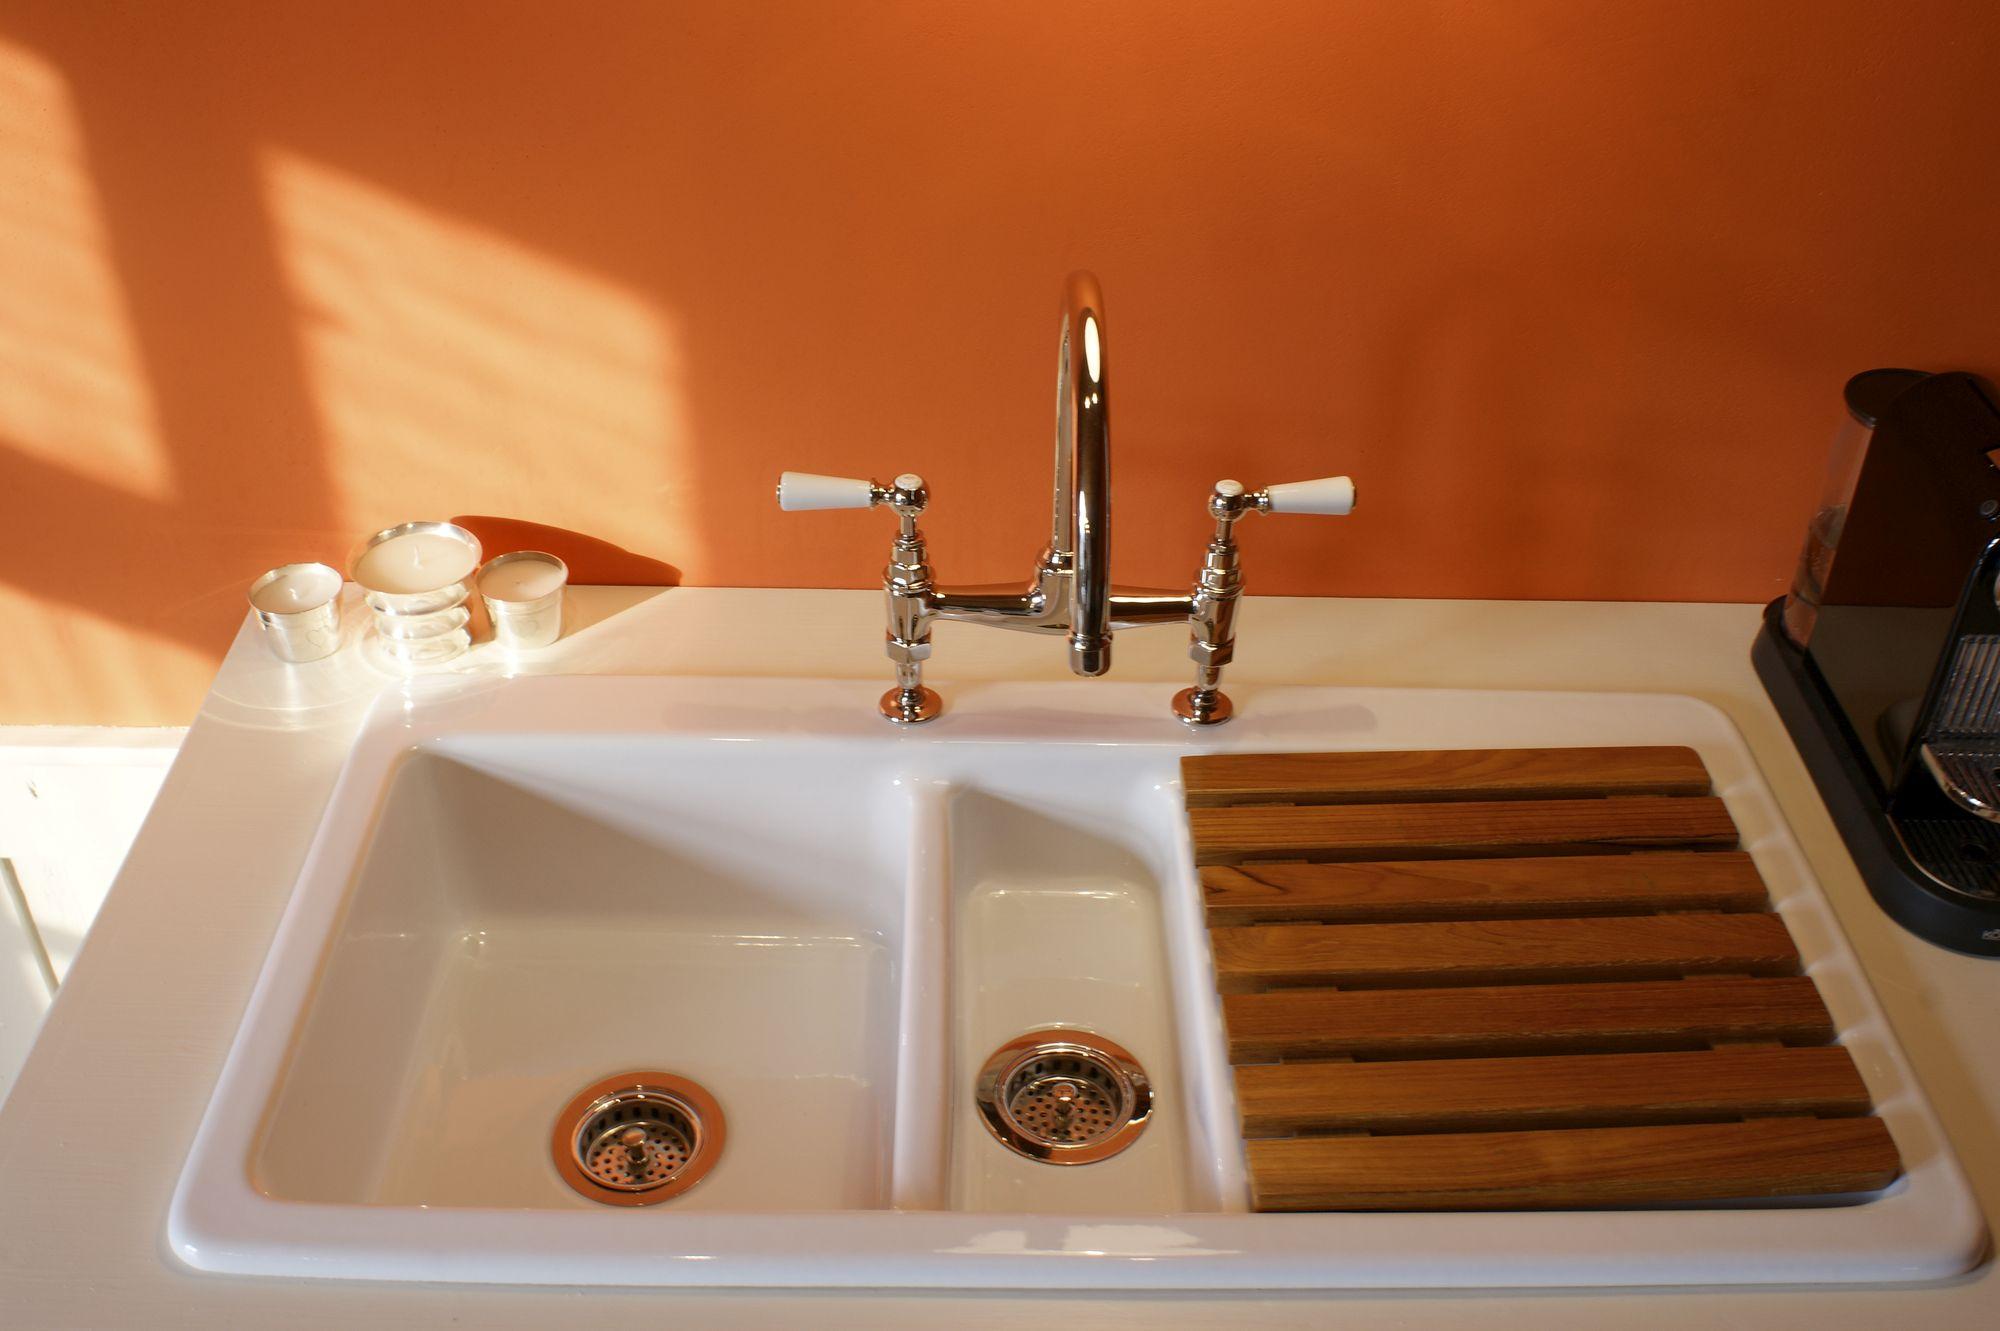 Küchenspülen  Küchenspülen Archives – TRADITIONAL BATHROOMS ...